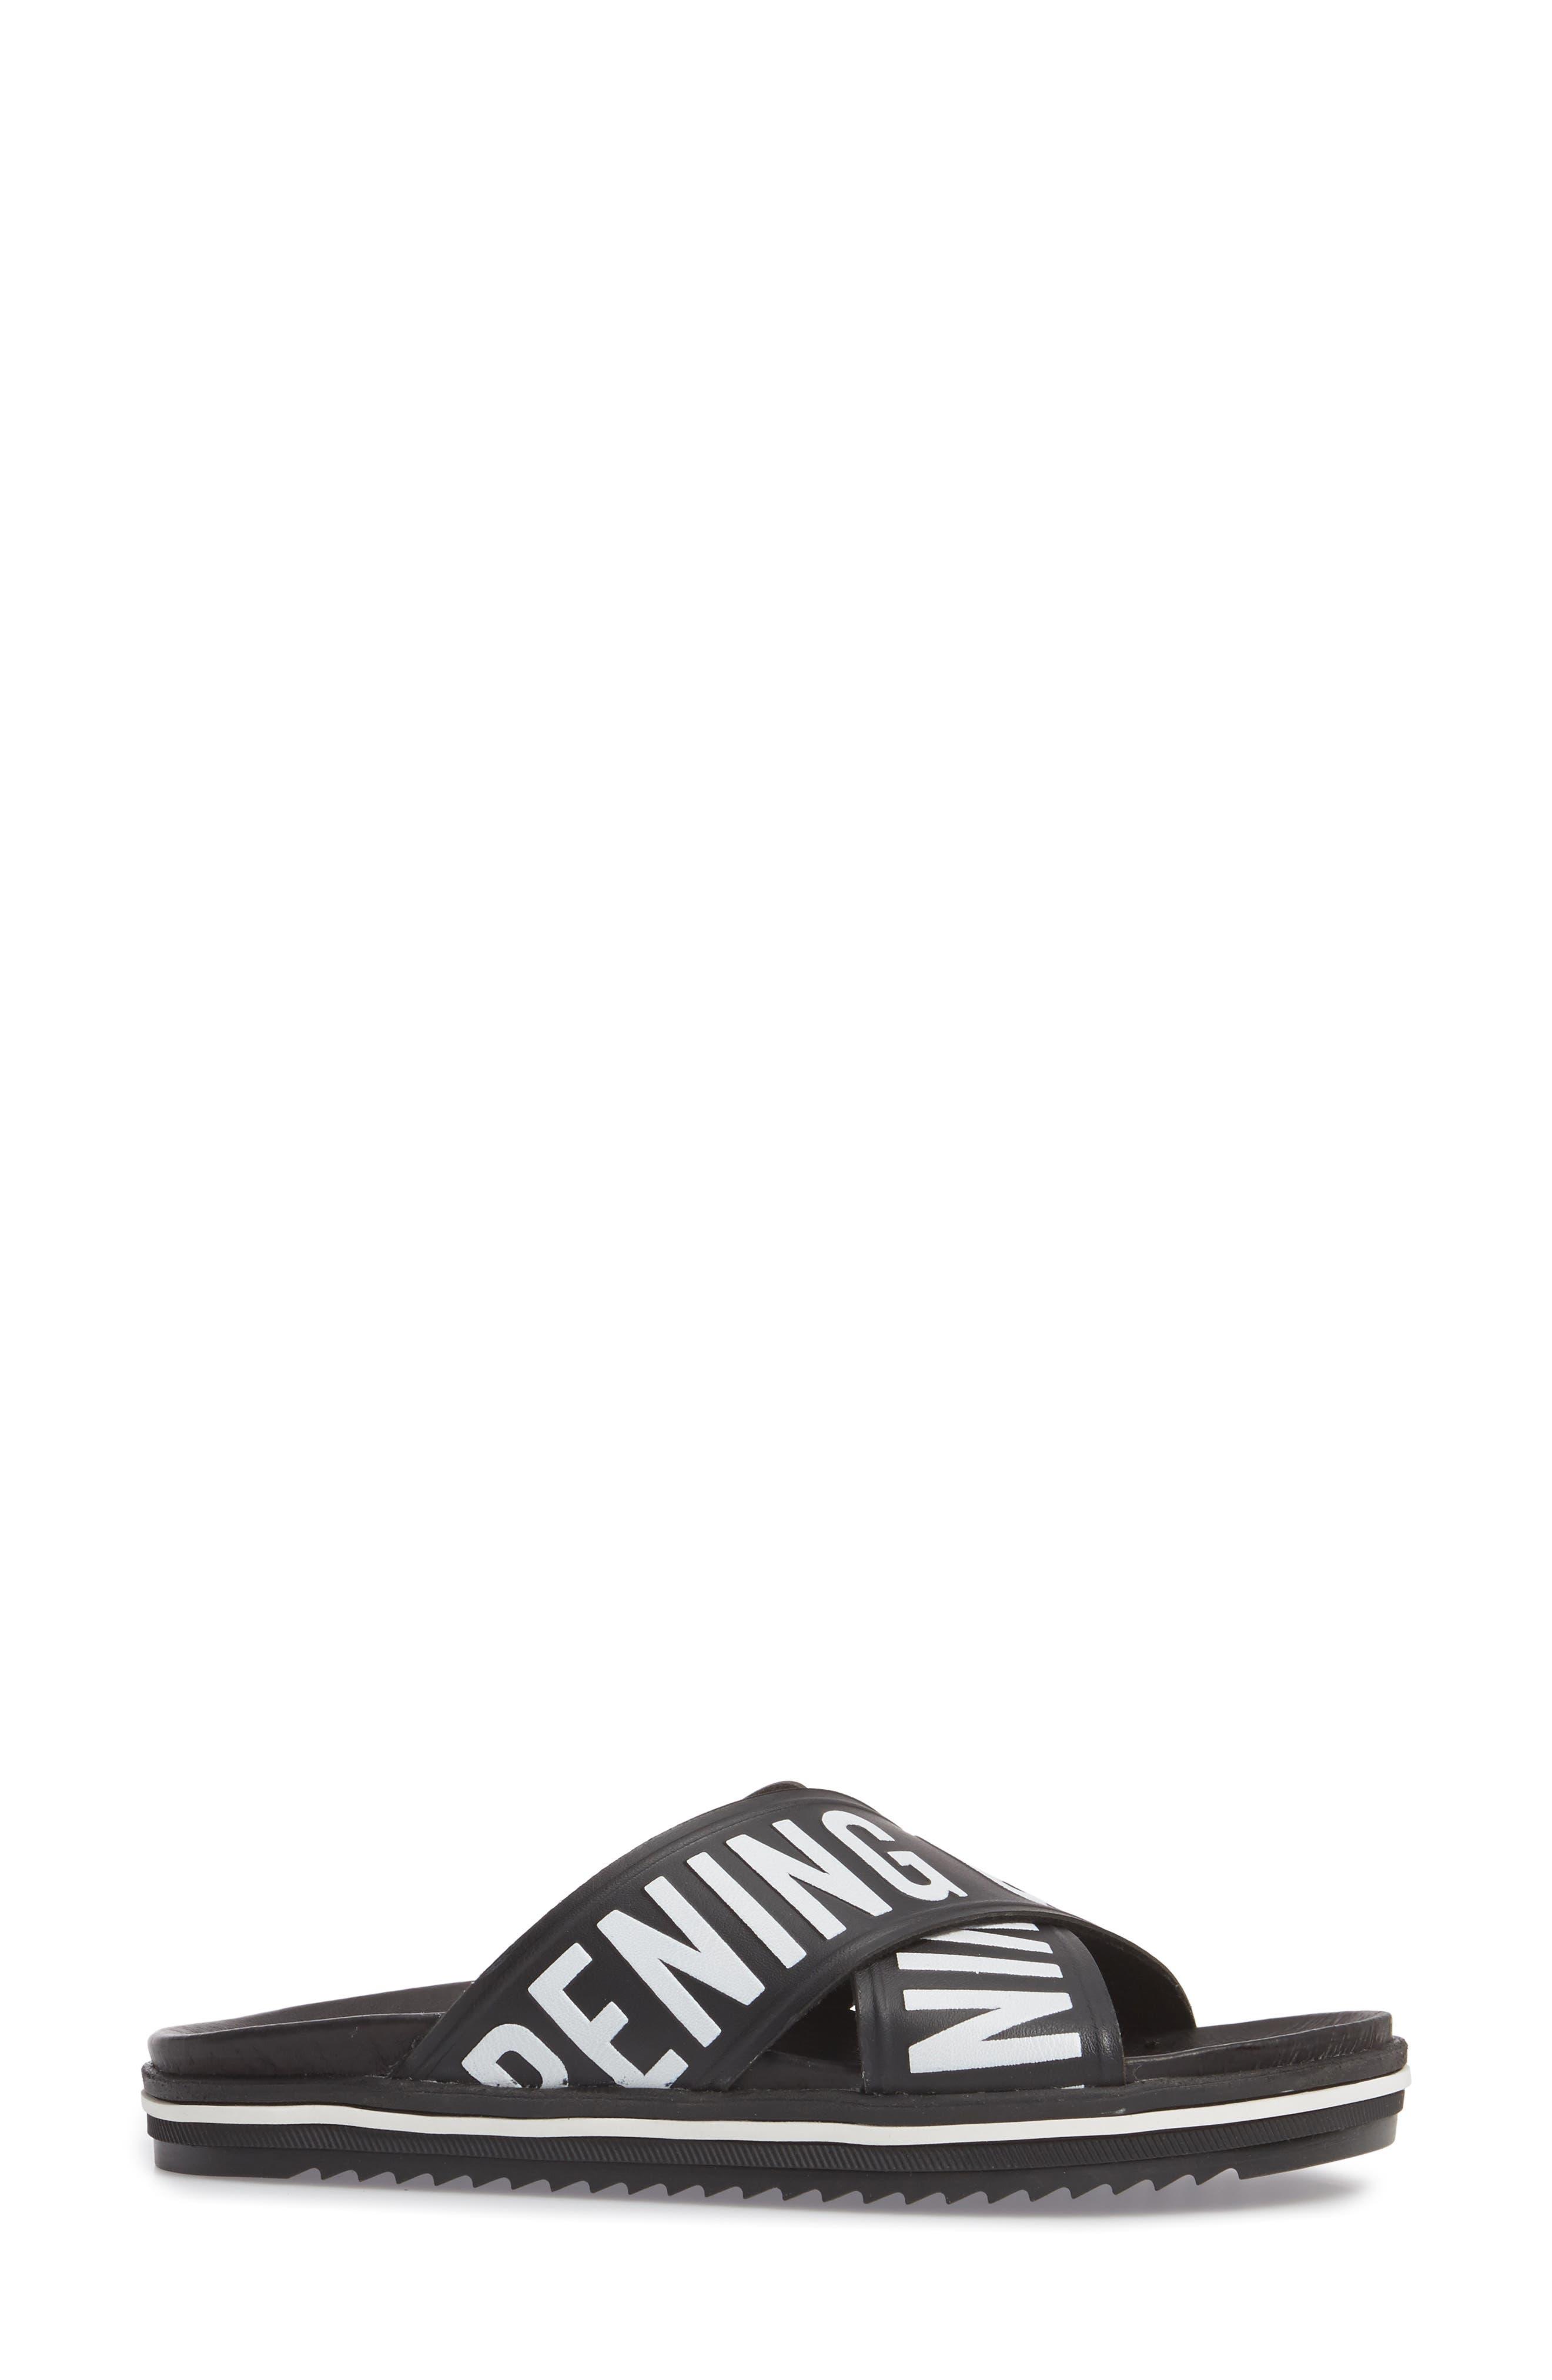 Berkeley Slide Sandal,                             Alternate thumbnail 3, color,                             002